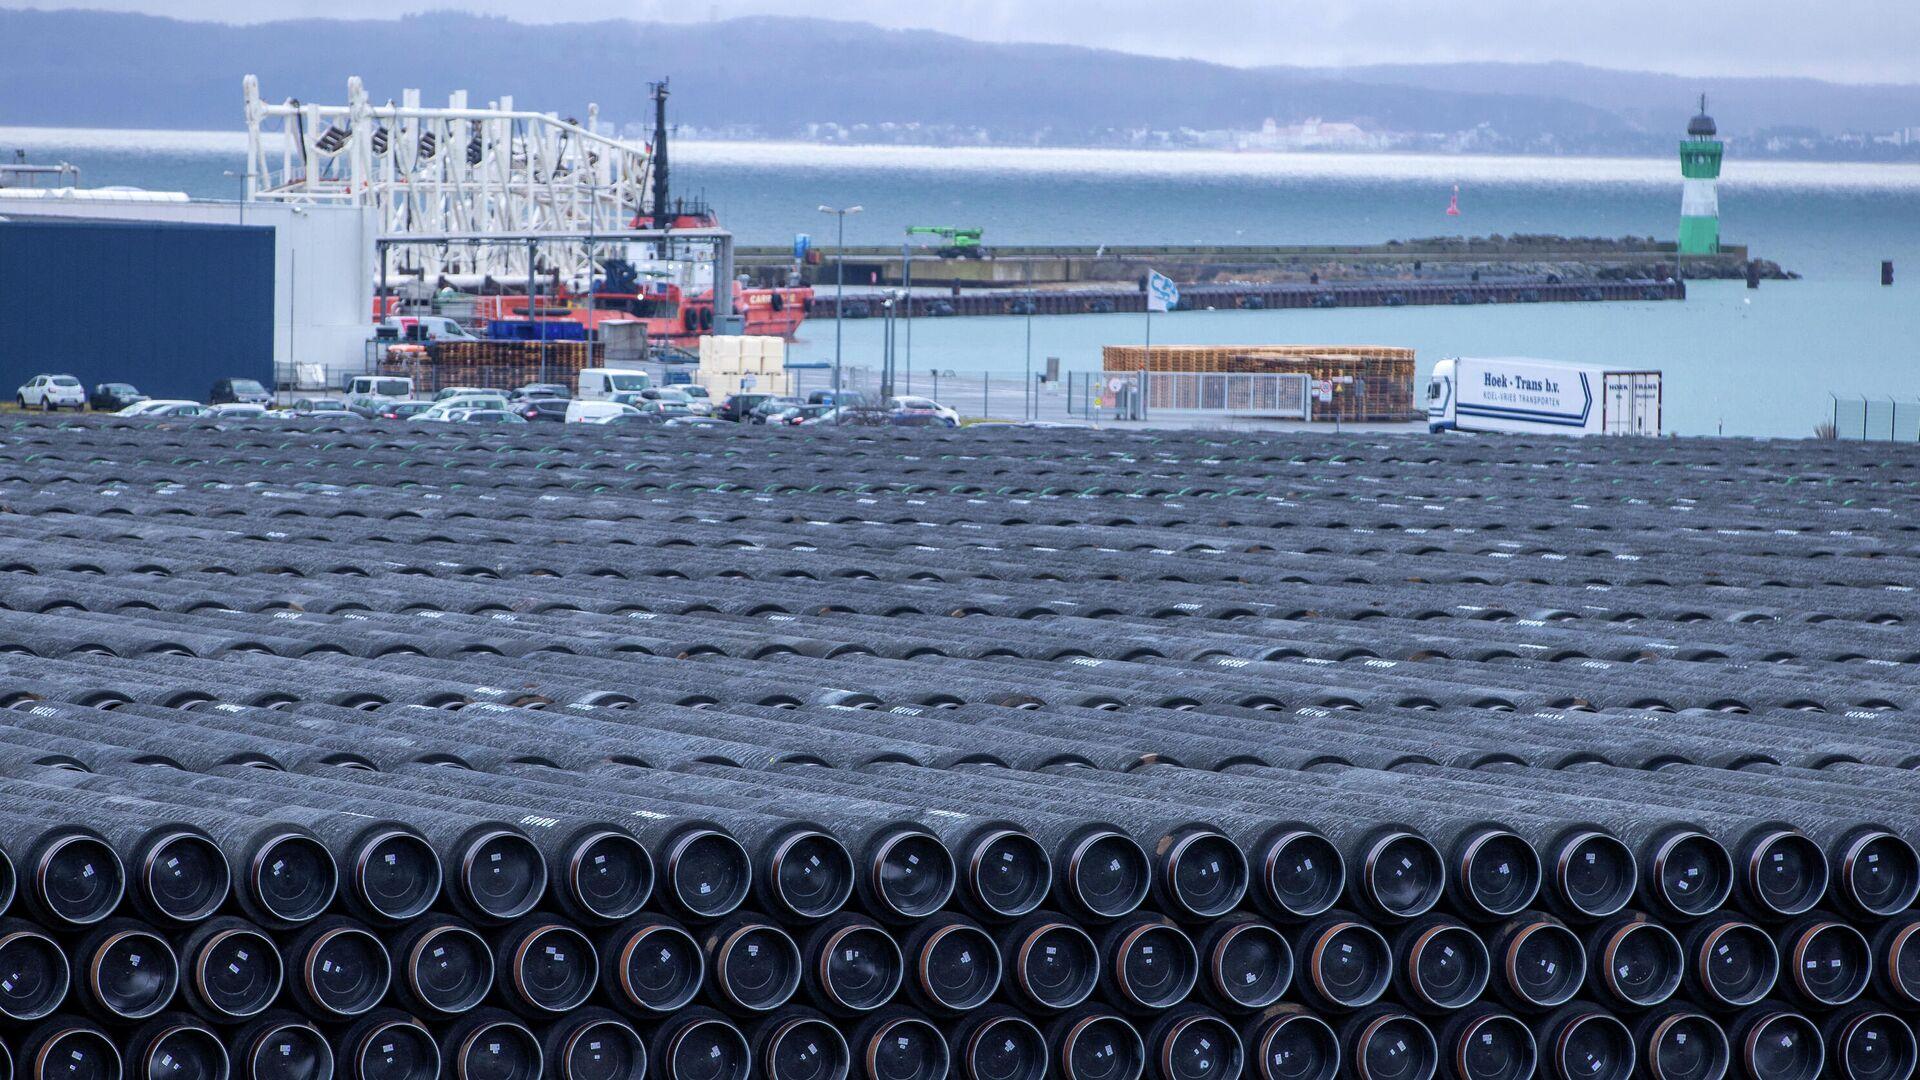 Трубы для строительства газопровода Северный поток 2 - РИА Новости, 1920, 15.04.2021